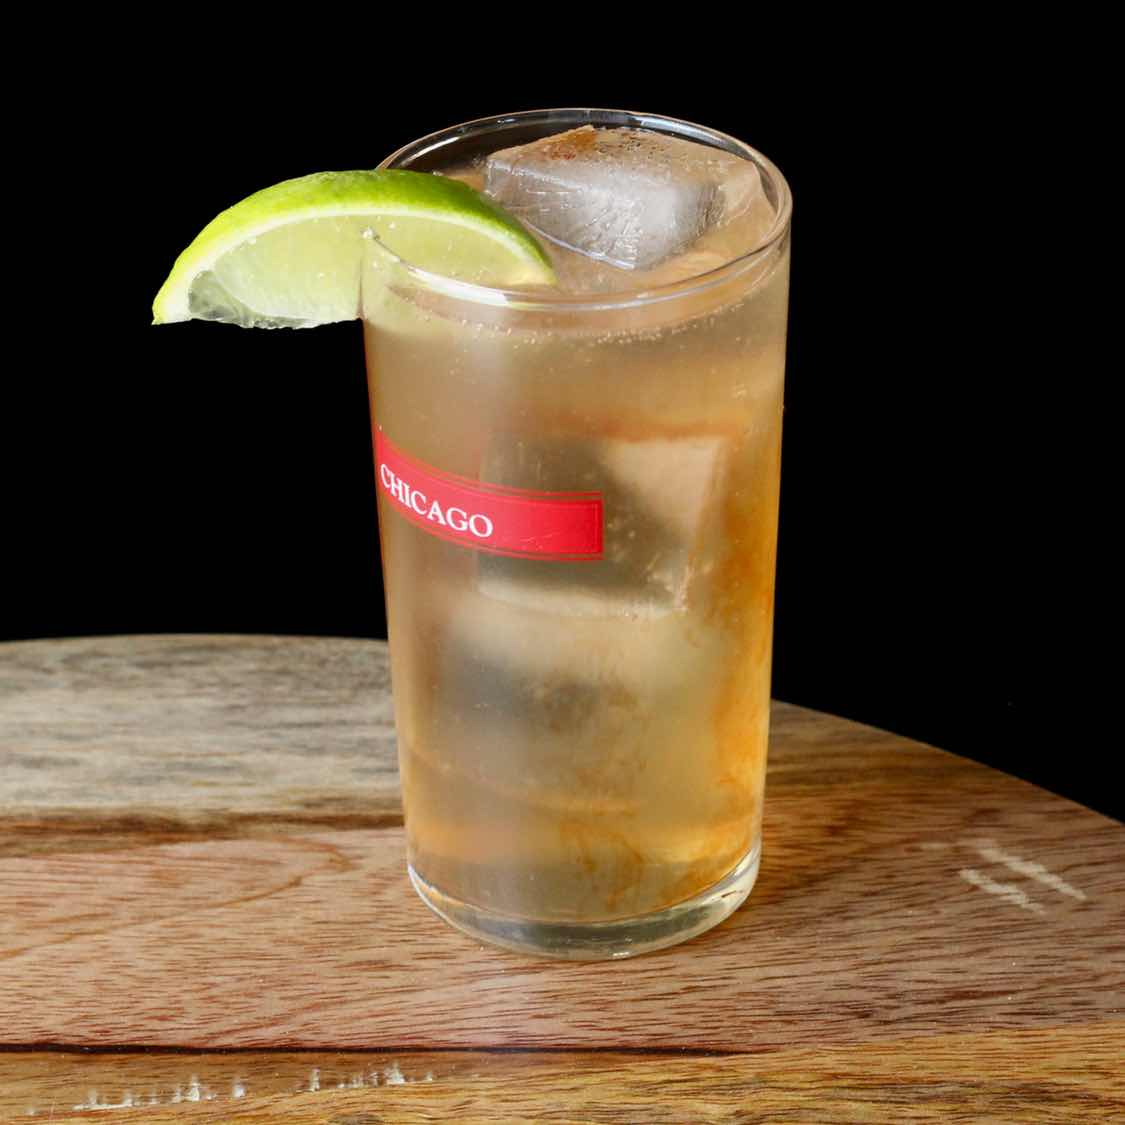 Chilcano Cocktail - Classic Peruvian Pisco Cocktail